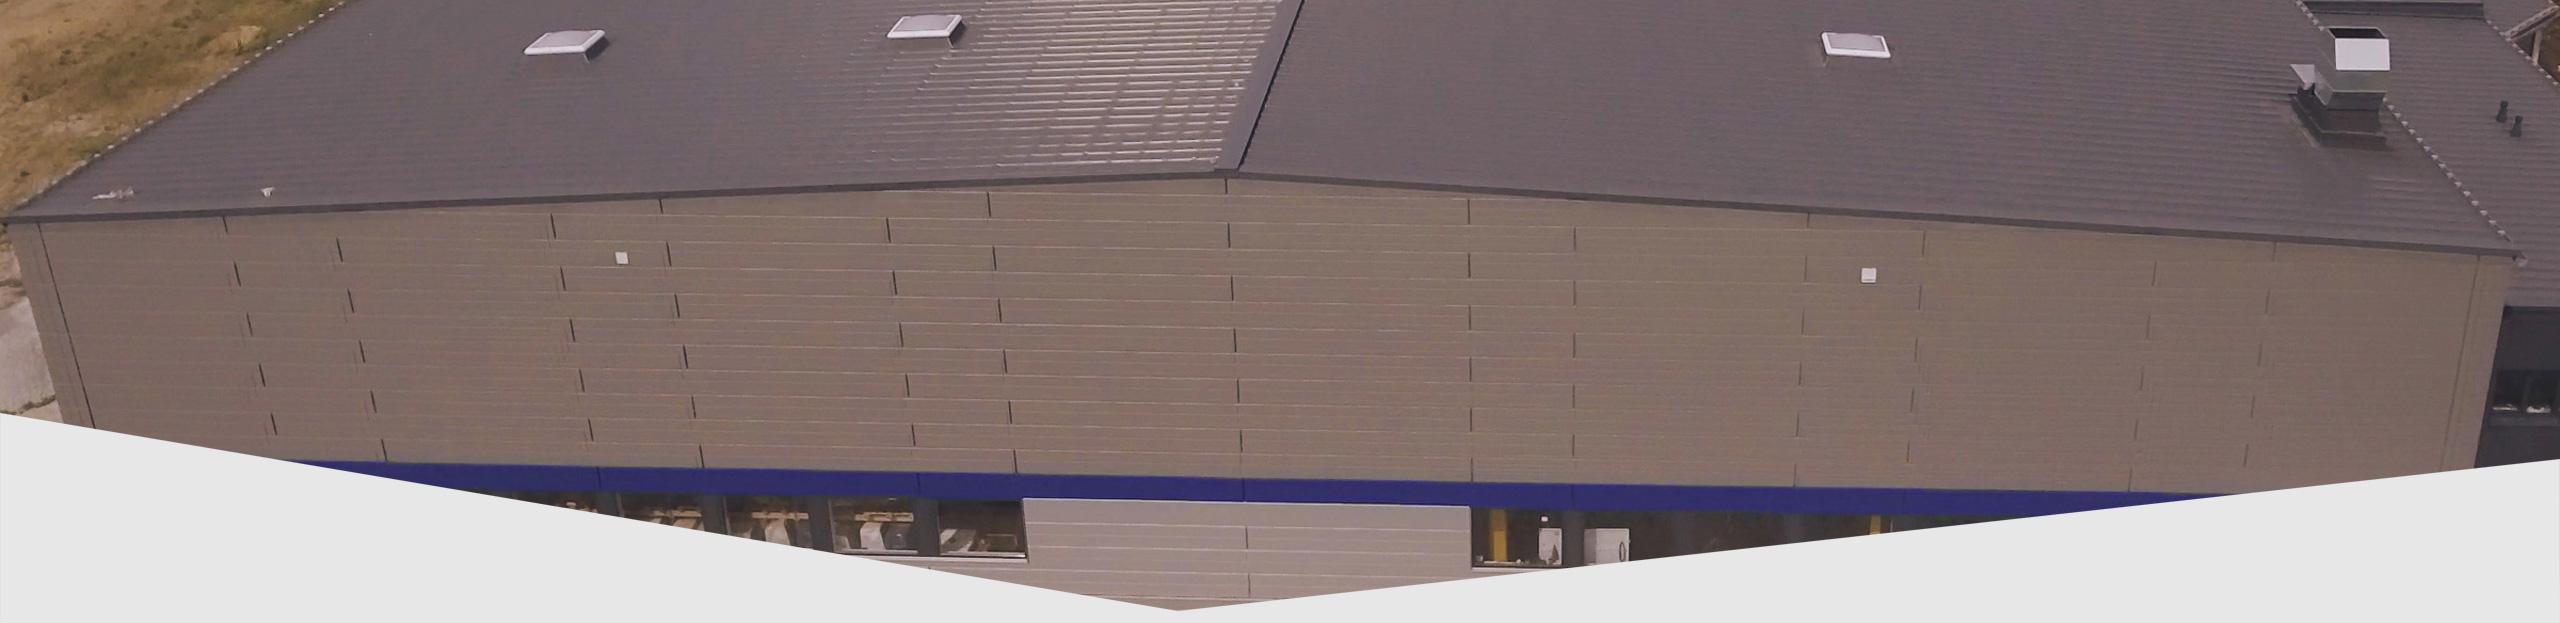 Referenzen Dach Fassade Hoffmann GmbH Thyrnau Passau - Spenglerei Heizung Lüftung Sanitär Foliendäche